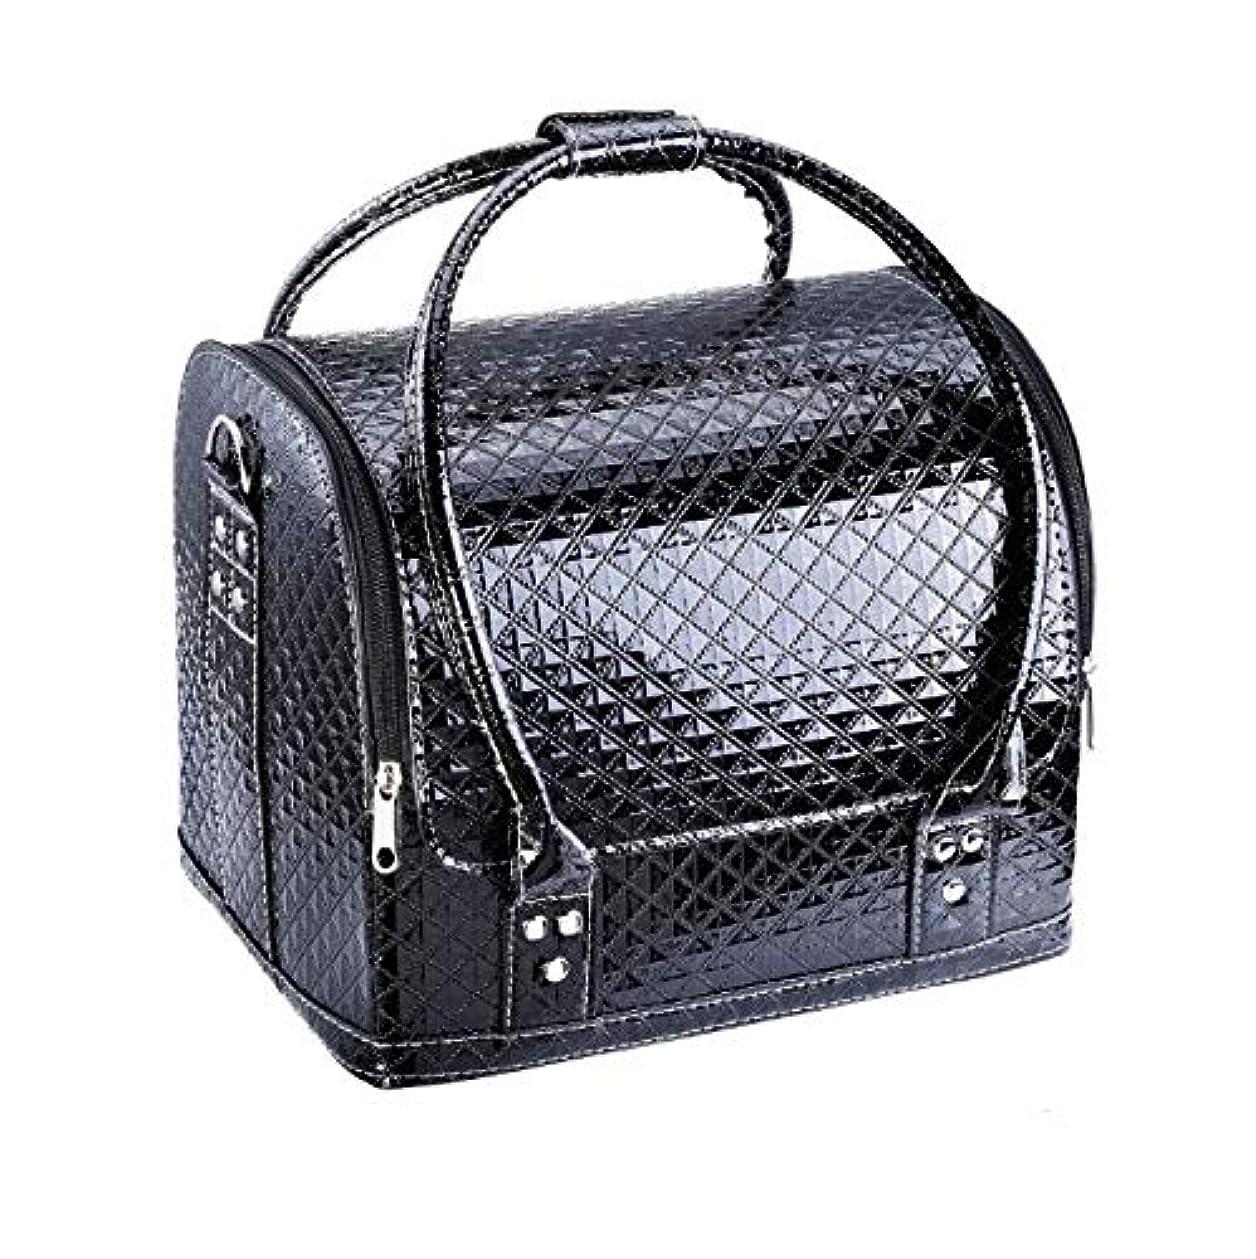 損傷満員救援化粧箱、大容量ダブルオープンポータブル化粧品ケース、ポータブルダイヤモンドパターン旅行化粧品バッグ、美容ネイルジュエリー収納ボックス